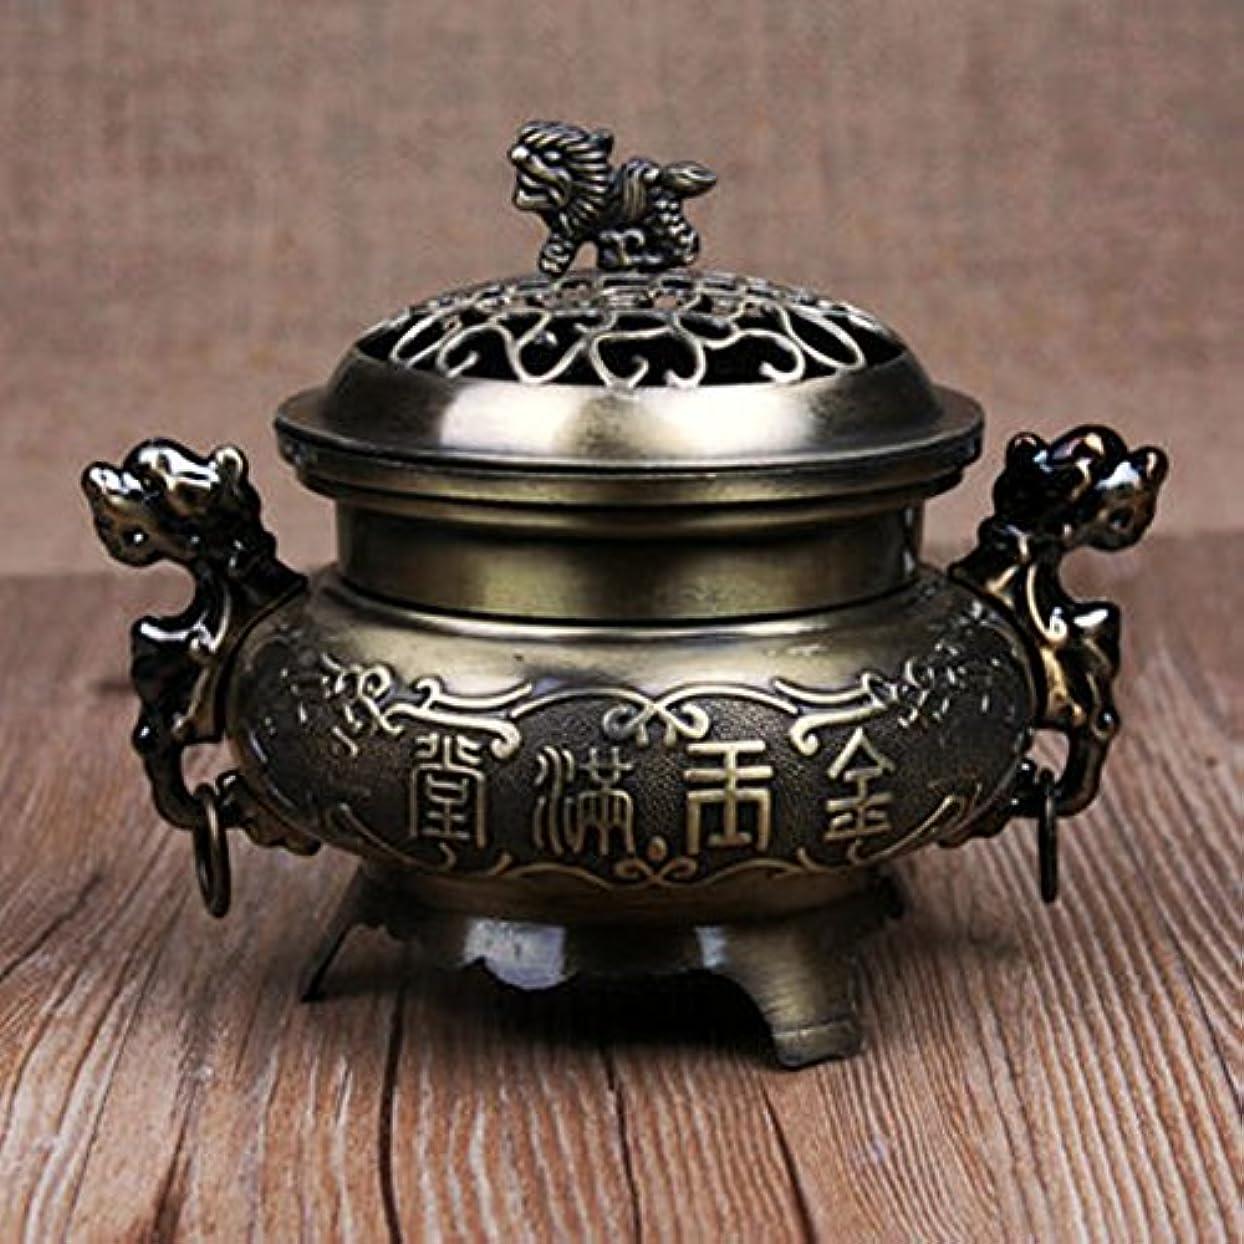 テスト気分が良いチラチラするLiebeye レトロスタイルの合金香炉 バーナーダブルドラゴン 中空カバー香炉 ホームデコレーション 青銅色